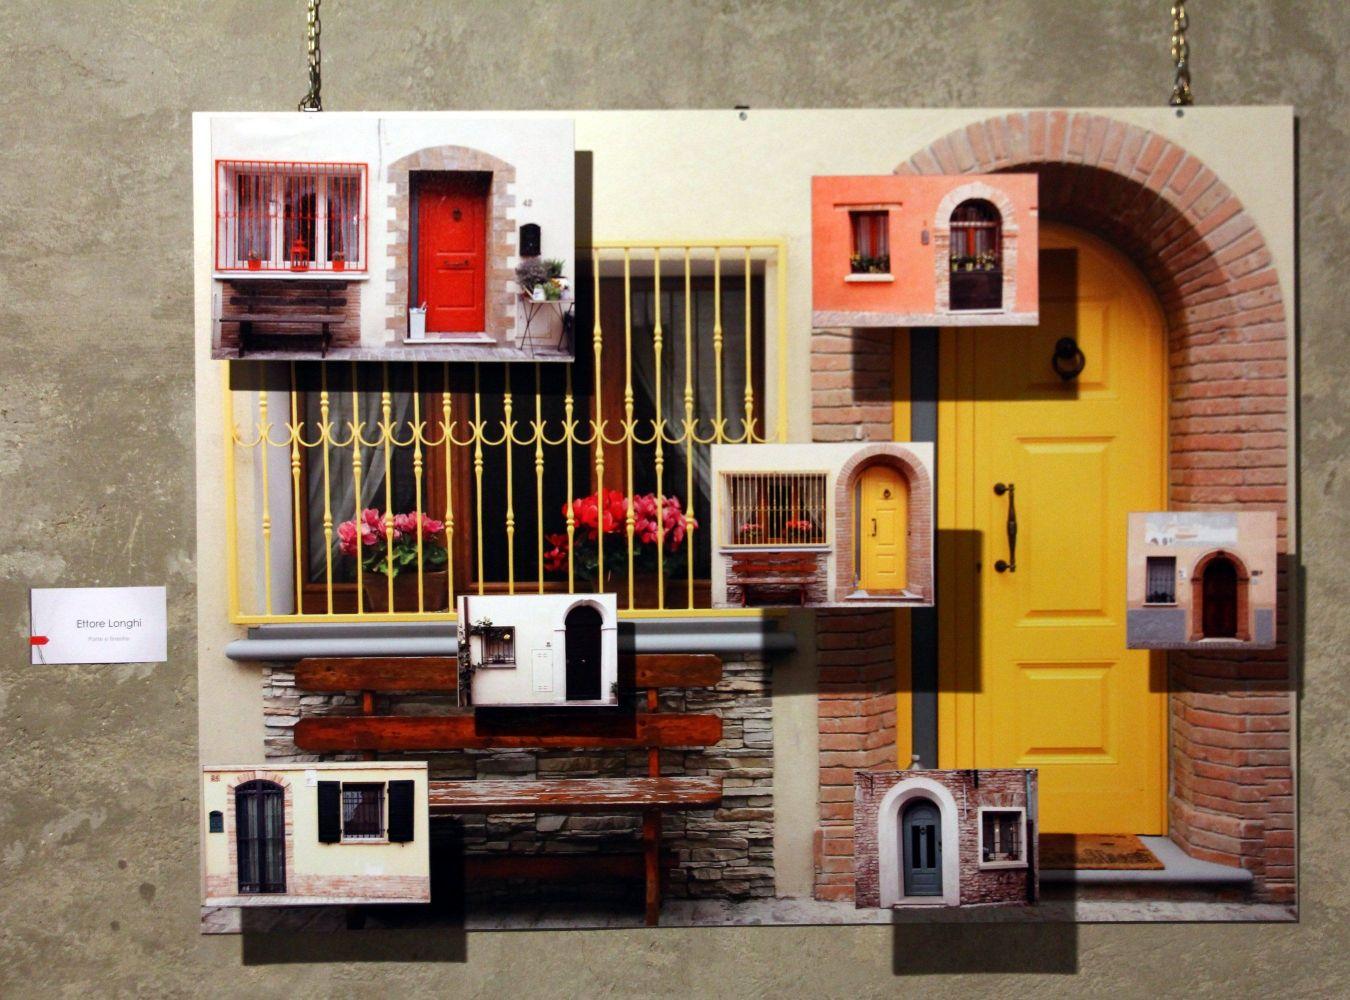 """Ettore Longhi - """"Porte e finestre"""""""